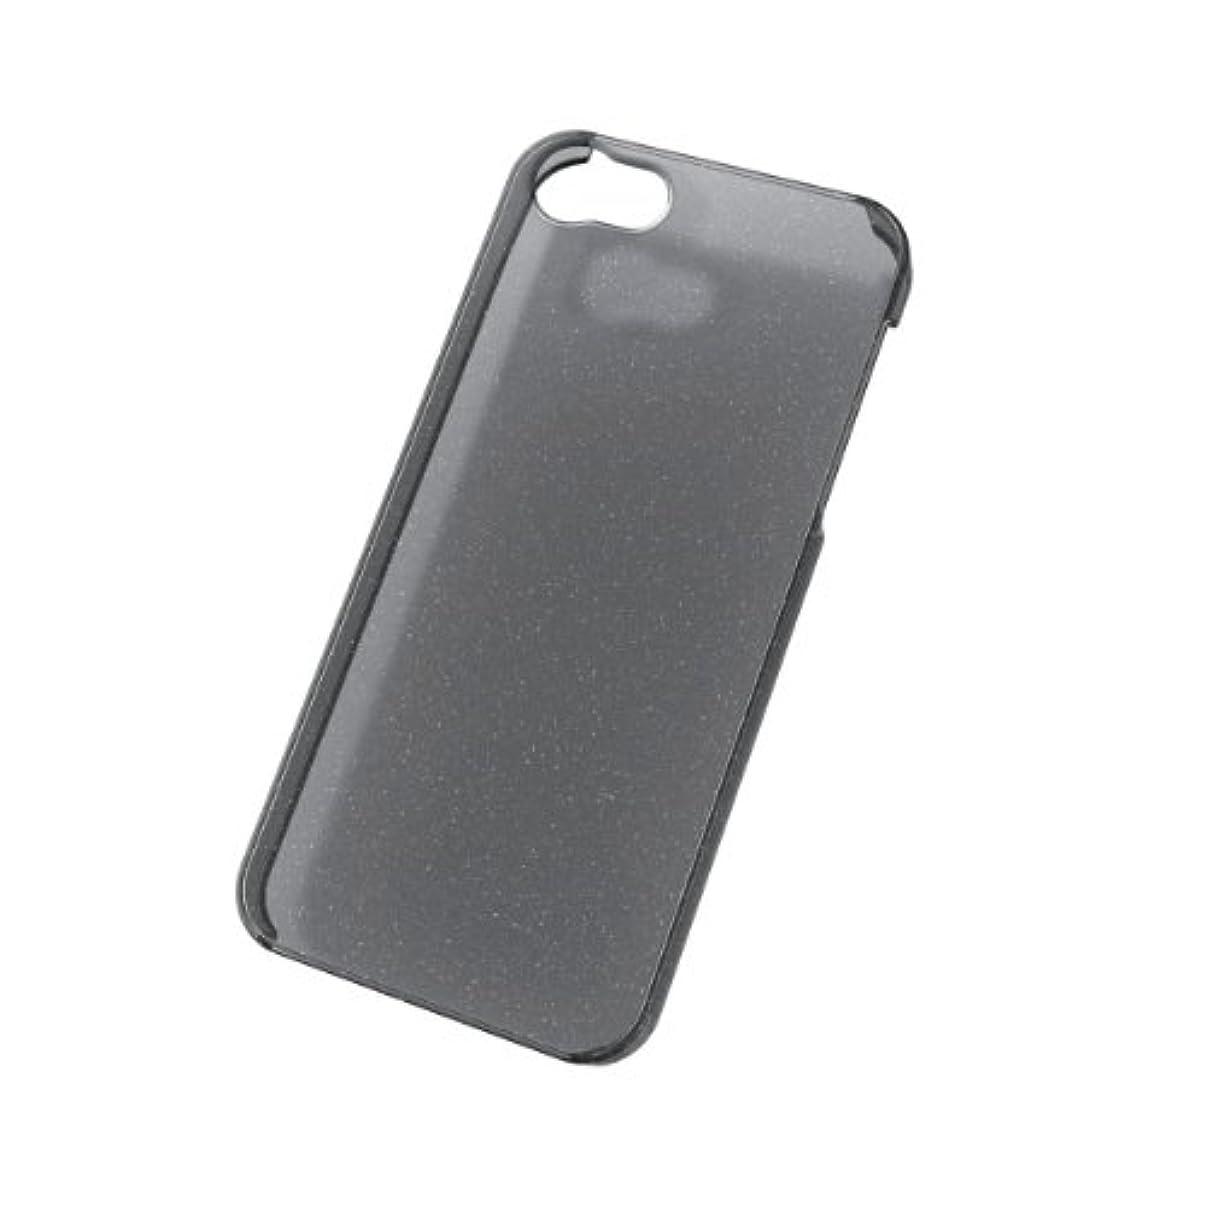 転用いつも広告ELECOM iPhone5用 シェルカバー ラメ入り クリアブラック PS-A12PVBBKC